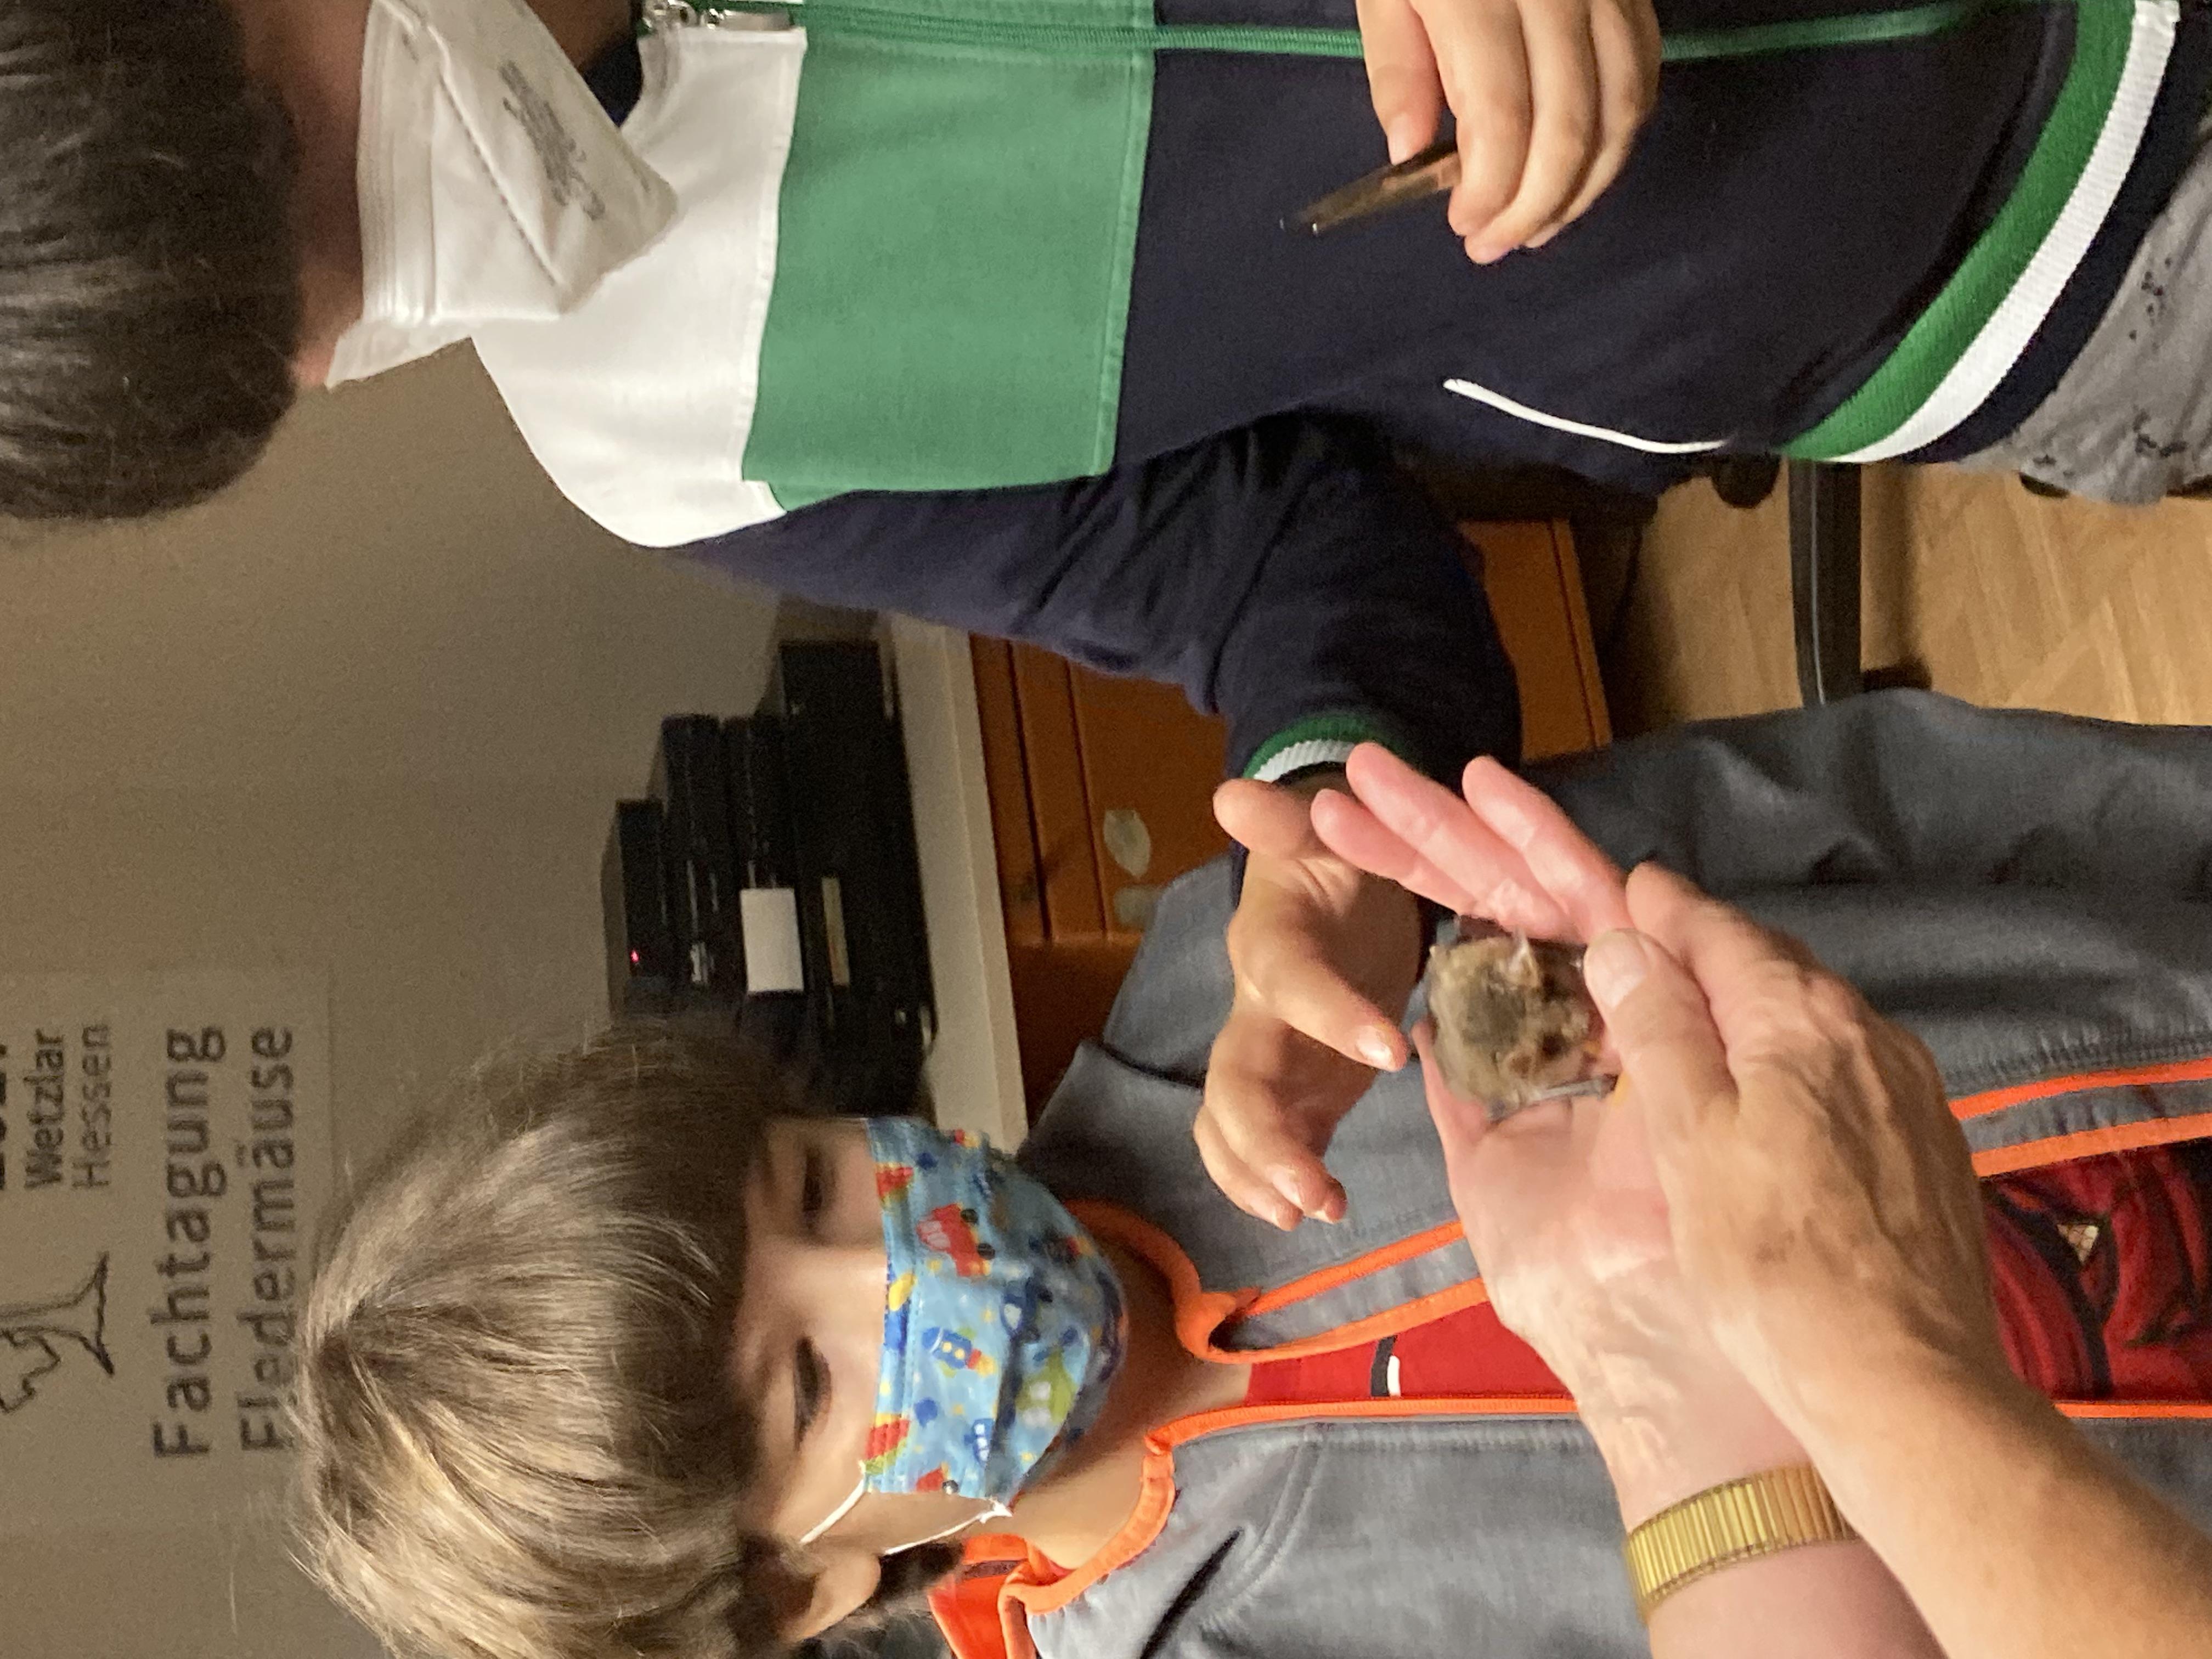 Beim Besuch im Fledermaus-Haus in Greifenstein-Allendorf durften wir eine Fledermaus streicheln und füttern.